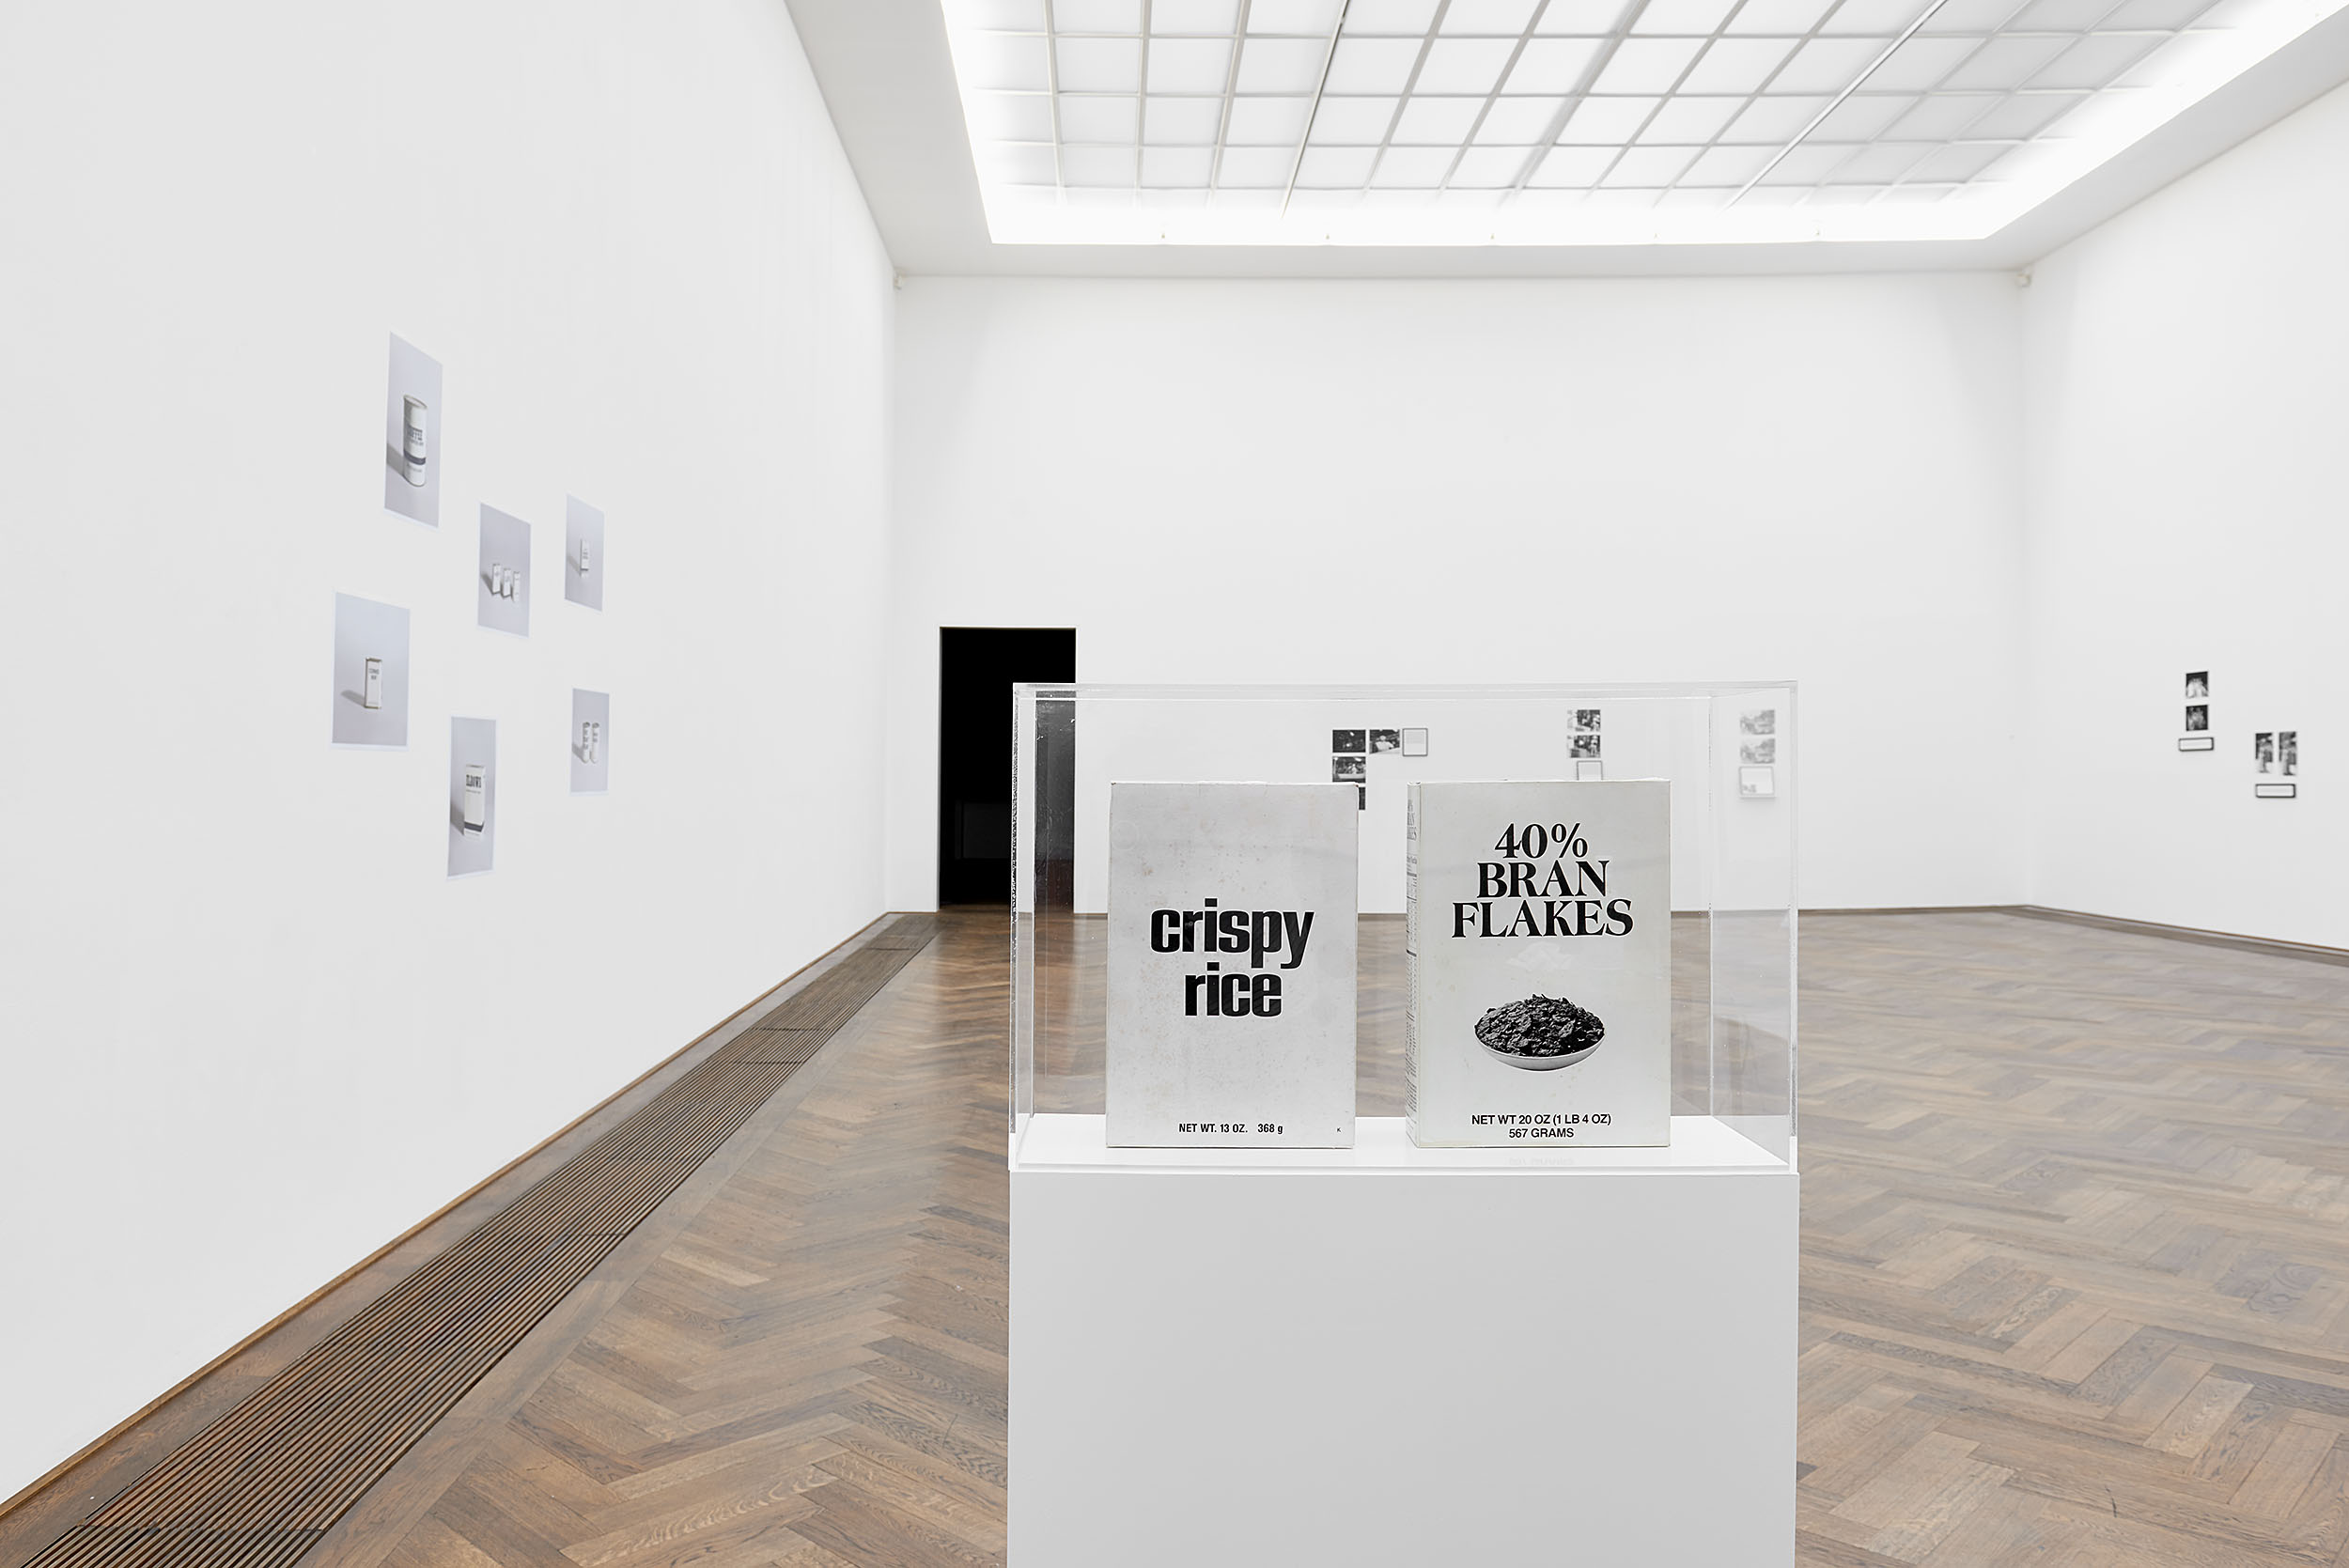 Maryam_Jafri_Generic_Corner_Kunsthalle_Basel_08